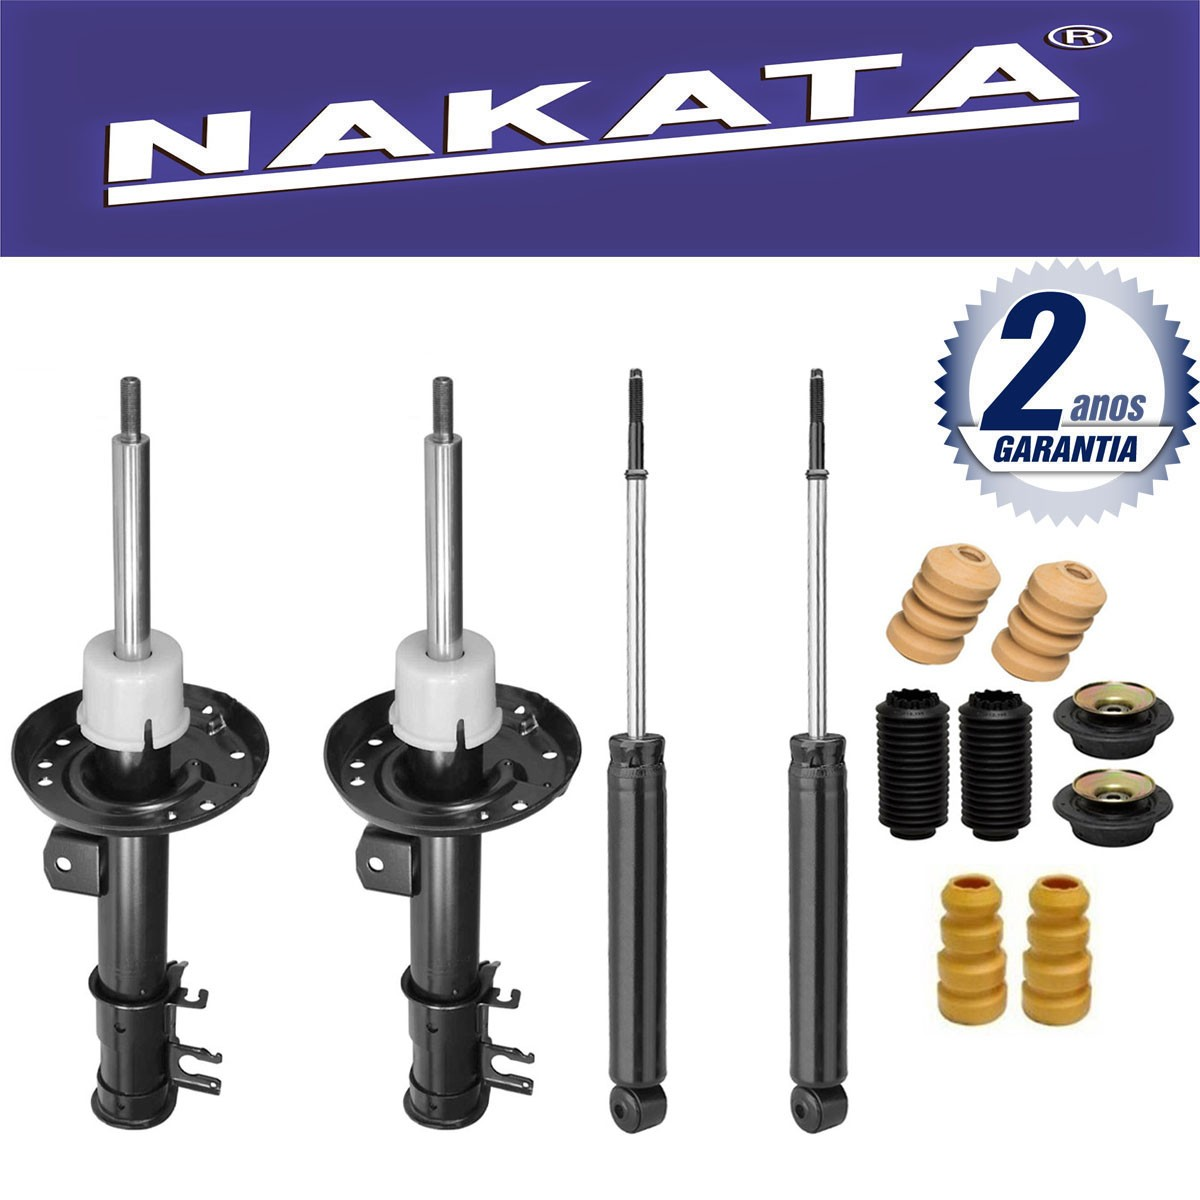 Jogo 04 Amortecedores Nakata Honda Fit 2003 Até 2008 + Kit de Suspensão